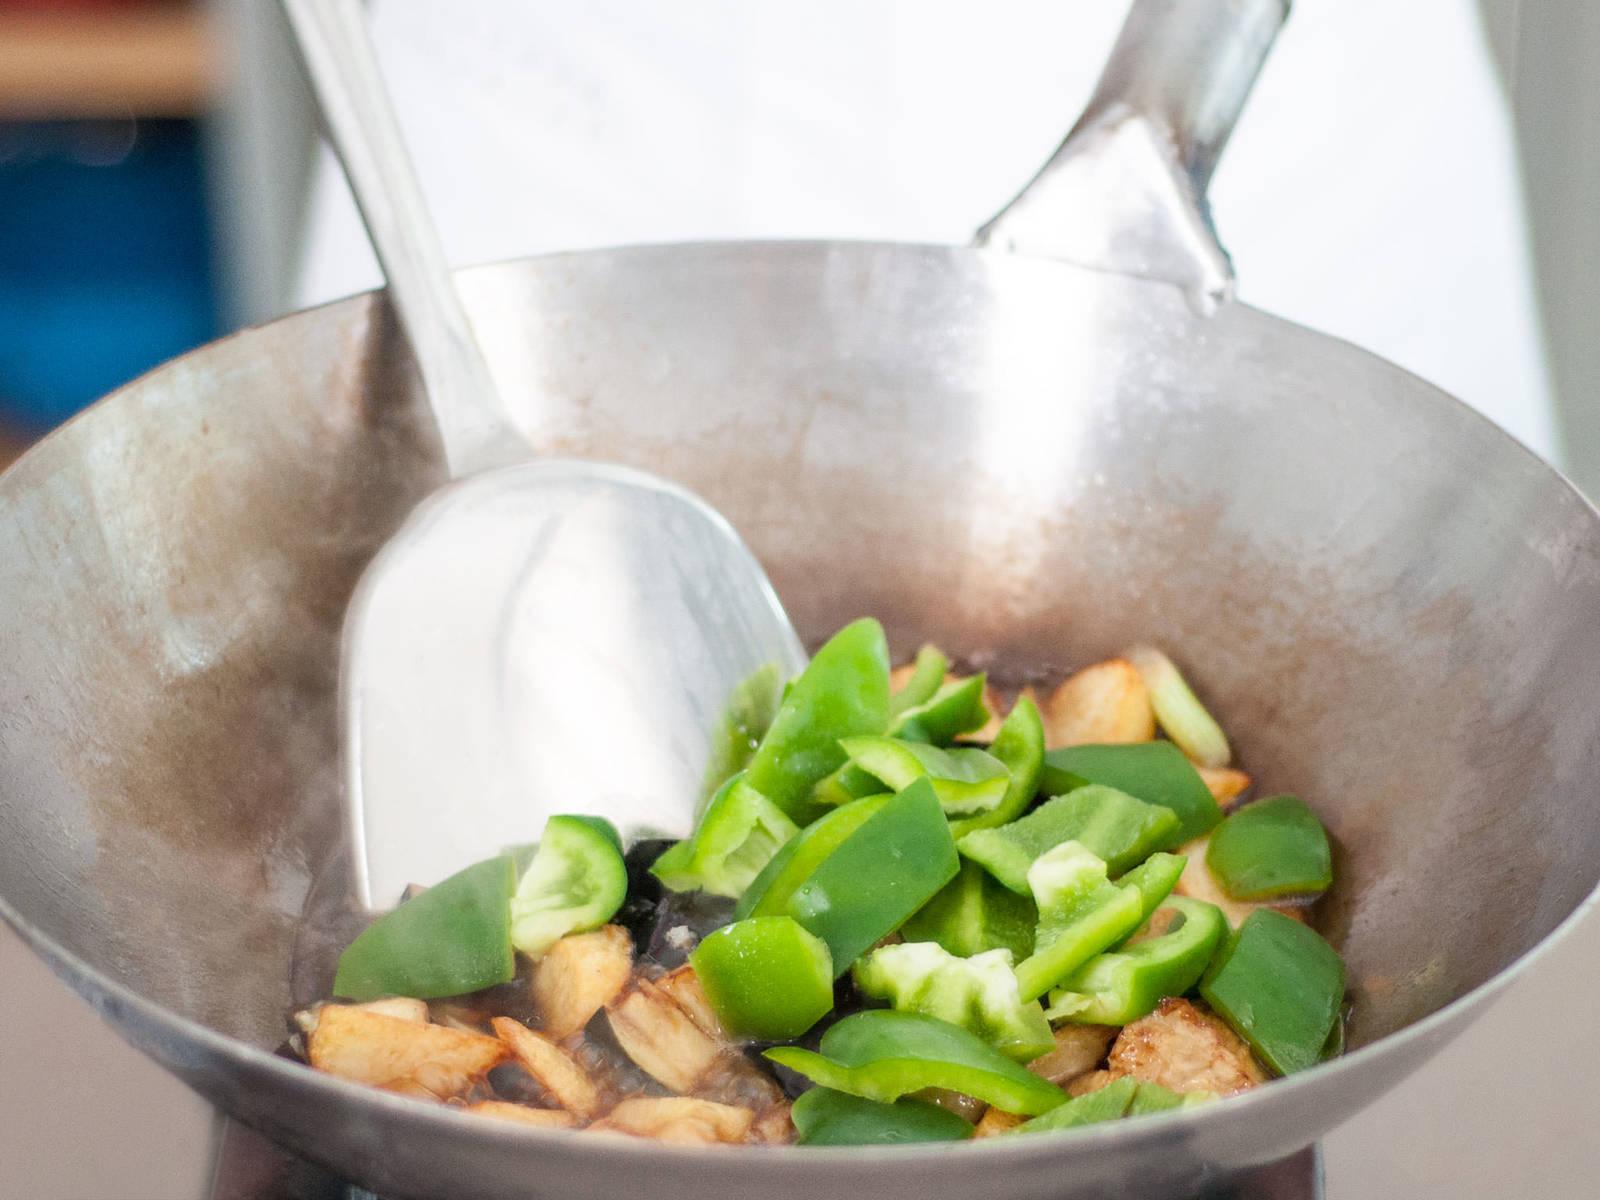 Bis auf 1 EL das gesamte Frittieröl ausgießen, dann den Wok auf mittlehoher Hitze erneut erwärmen. Frühlingszwiebeln, Ingwer und Knoblauch hinzufügen, dann frittierte Kartoffeln, Paprika und etwas Wasser dazugeben. Ca 1 Min. anbraten bis es duftet, dann Zucker, Salz, Austernsoße, dunkle Sojasoße und weißen Pfeffer nach Geschmack hinzugeben. Aubergine hinzufügen und für ca. 1 Min. kochen. Guten Appetit!